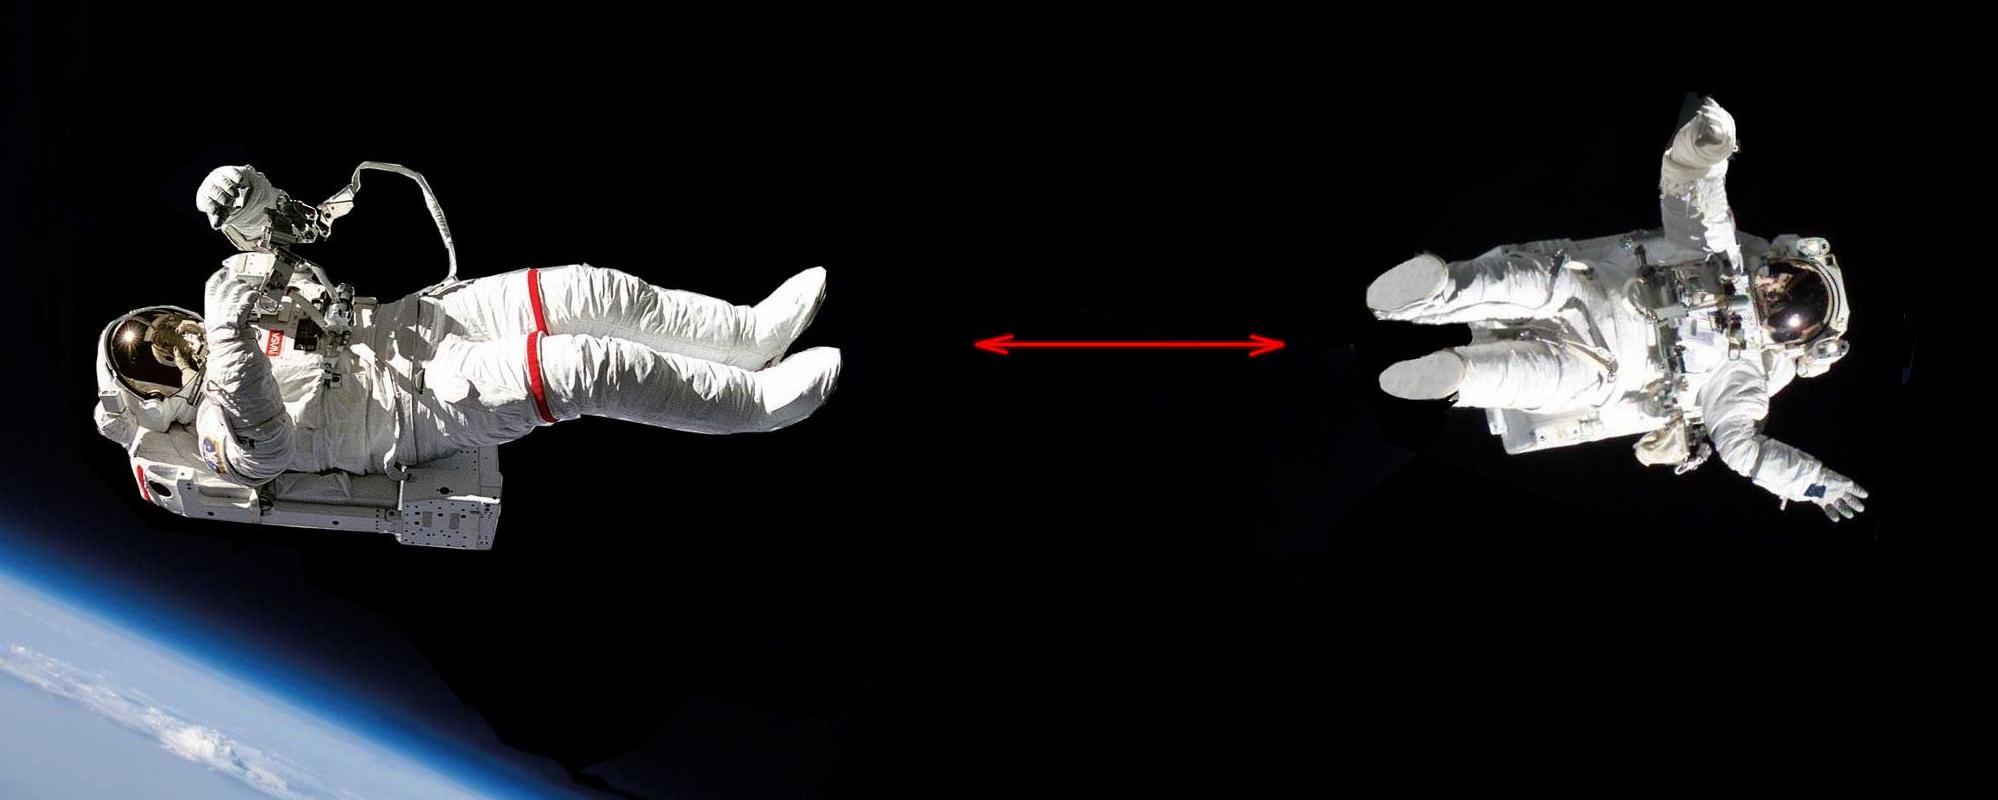 Deux cosmonautes se repoussent par les pieds